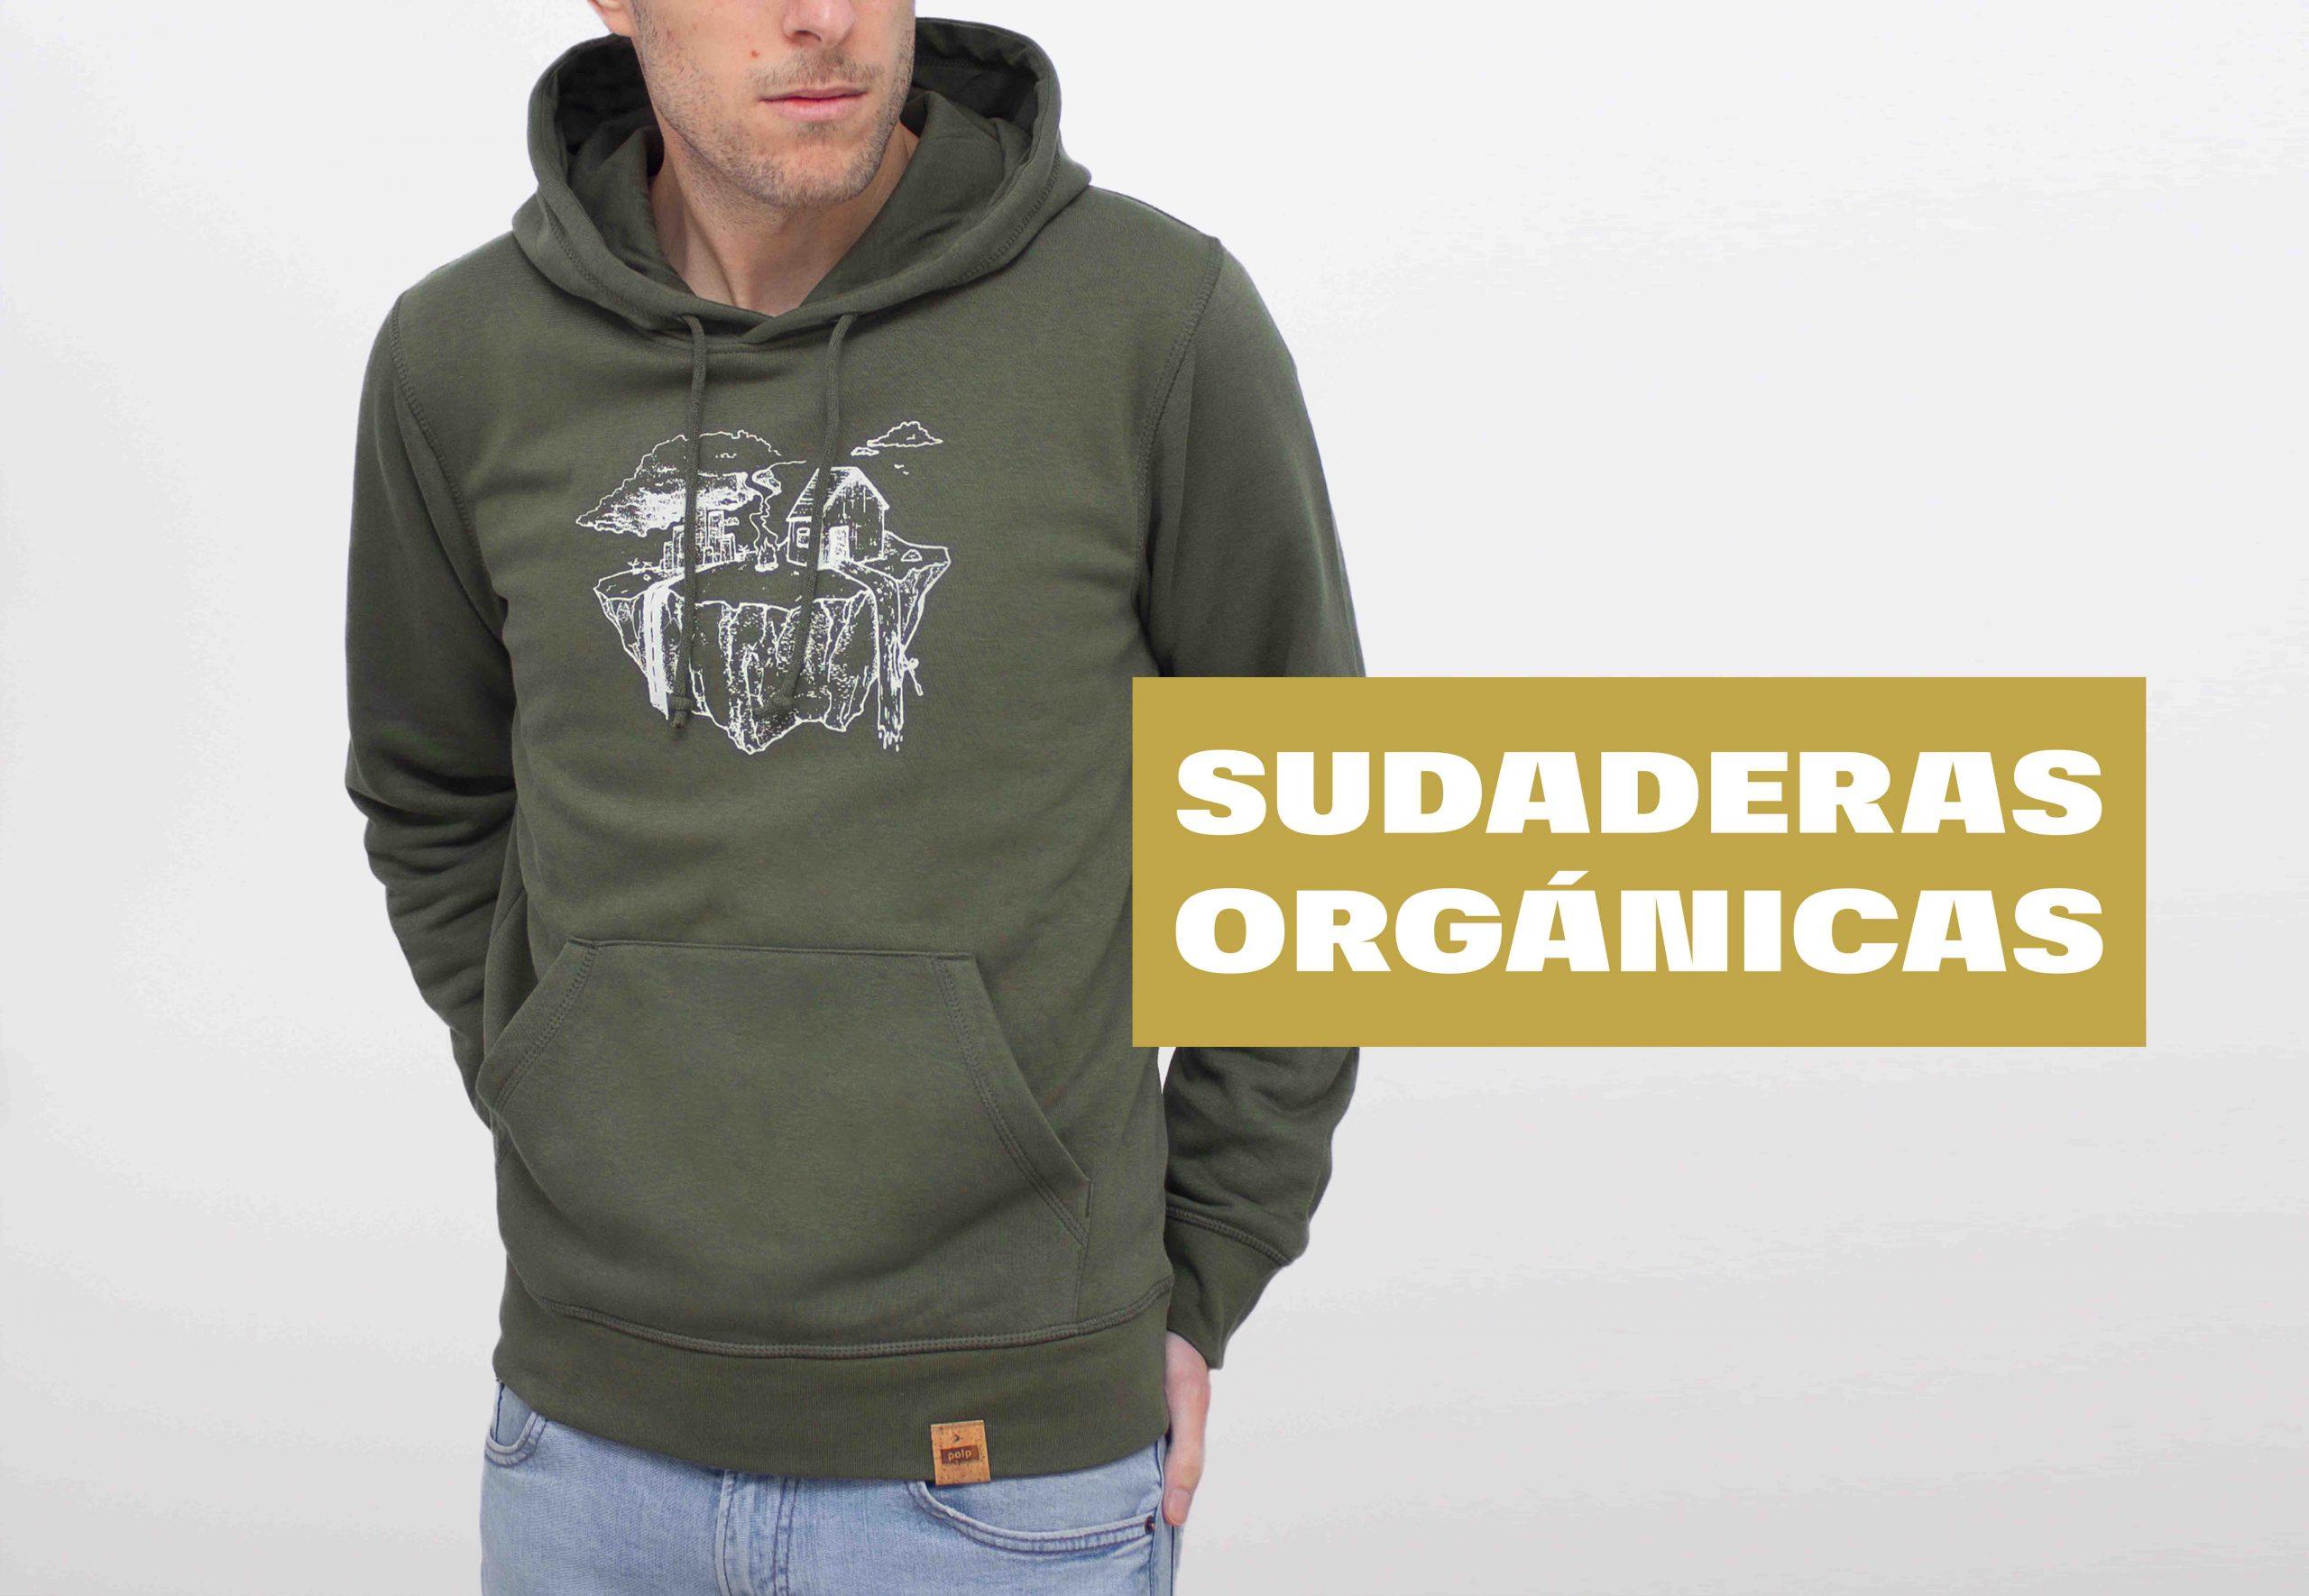 camisetas y sudaderas orgánicas con ilustraciones y serigrafia manual. Sudaderas